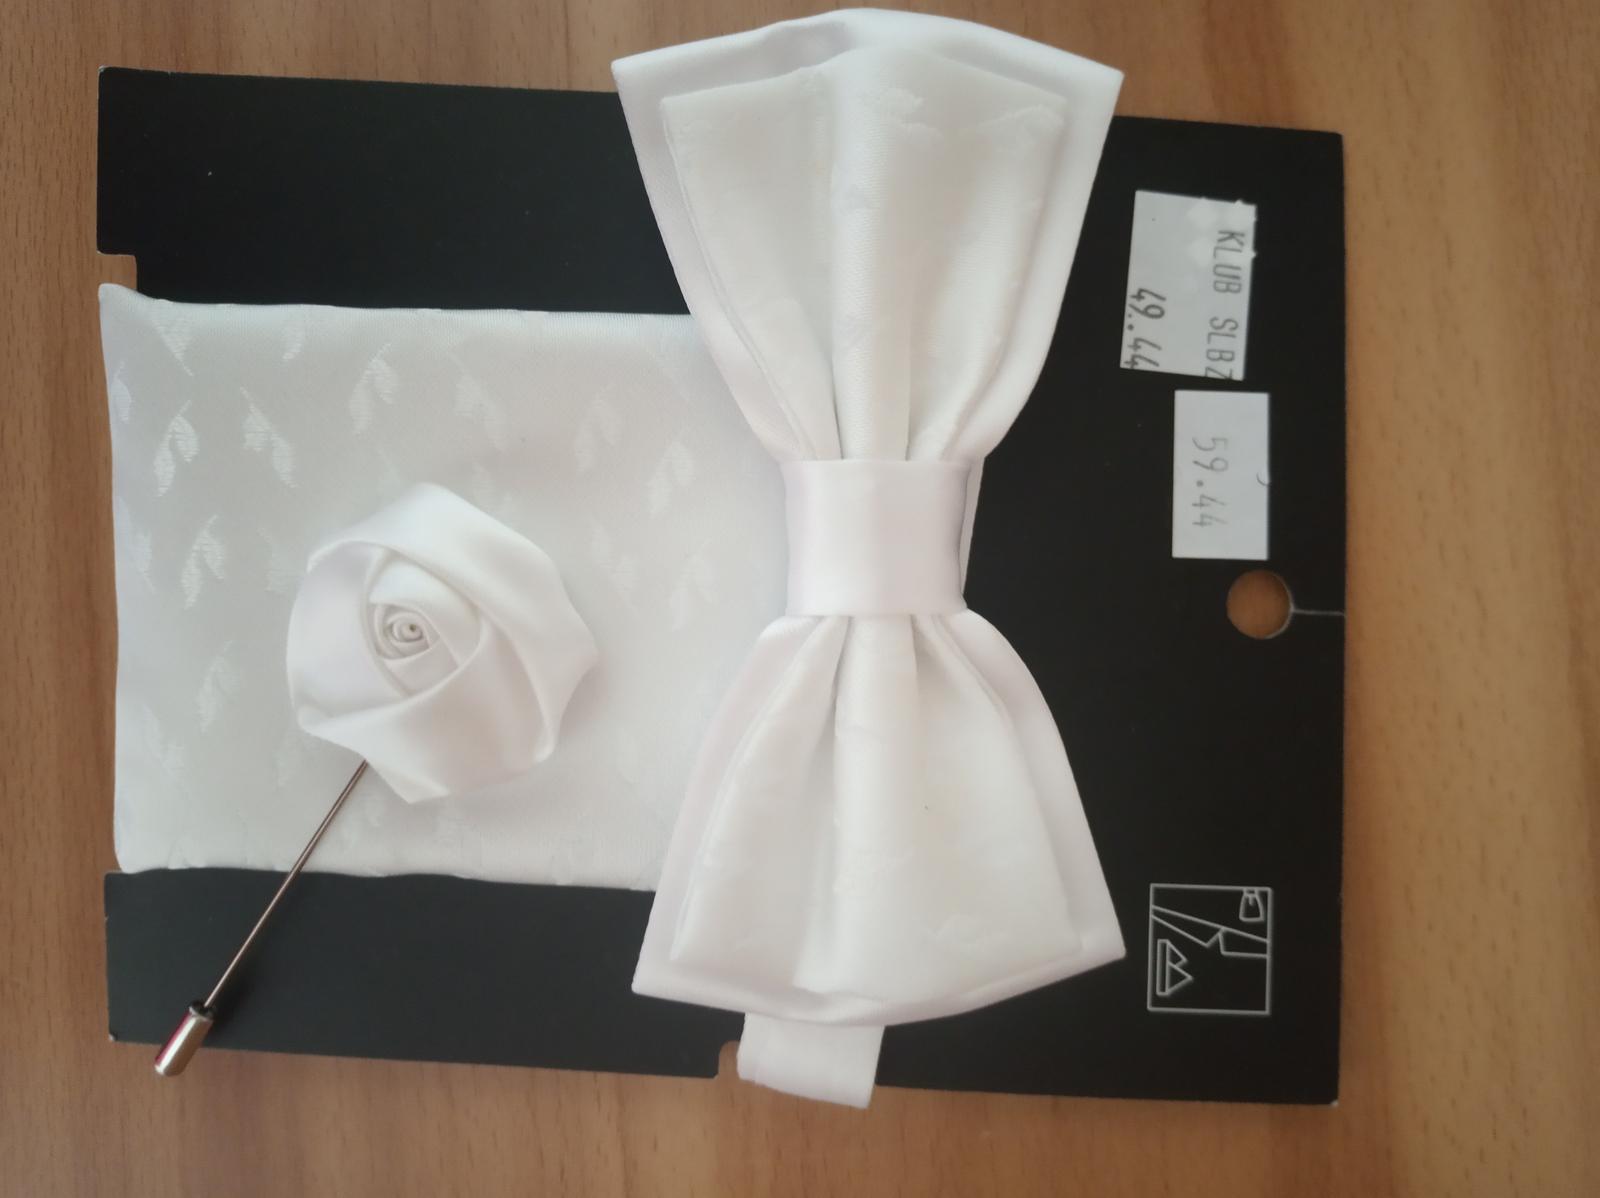 znackovy svadobny motylik 3 kombinacia - Obrázok č. 2